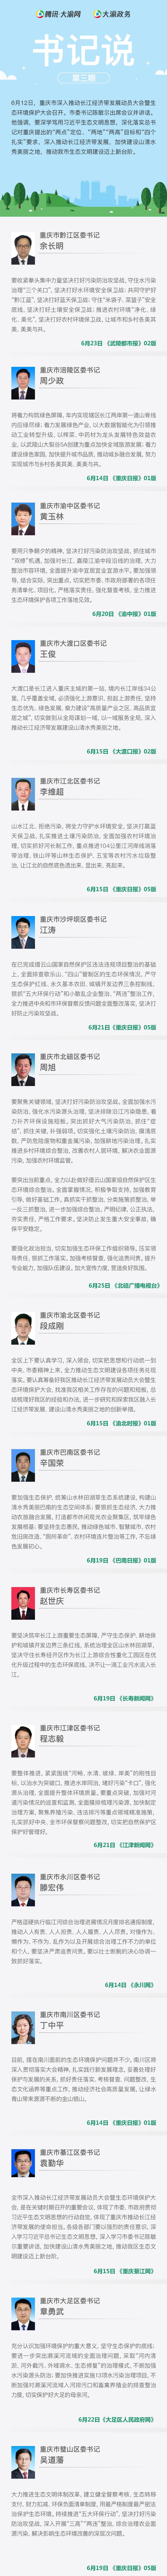 书记说丨推动重庆生态文明建设迈上新台阶 区县如何做?